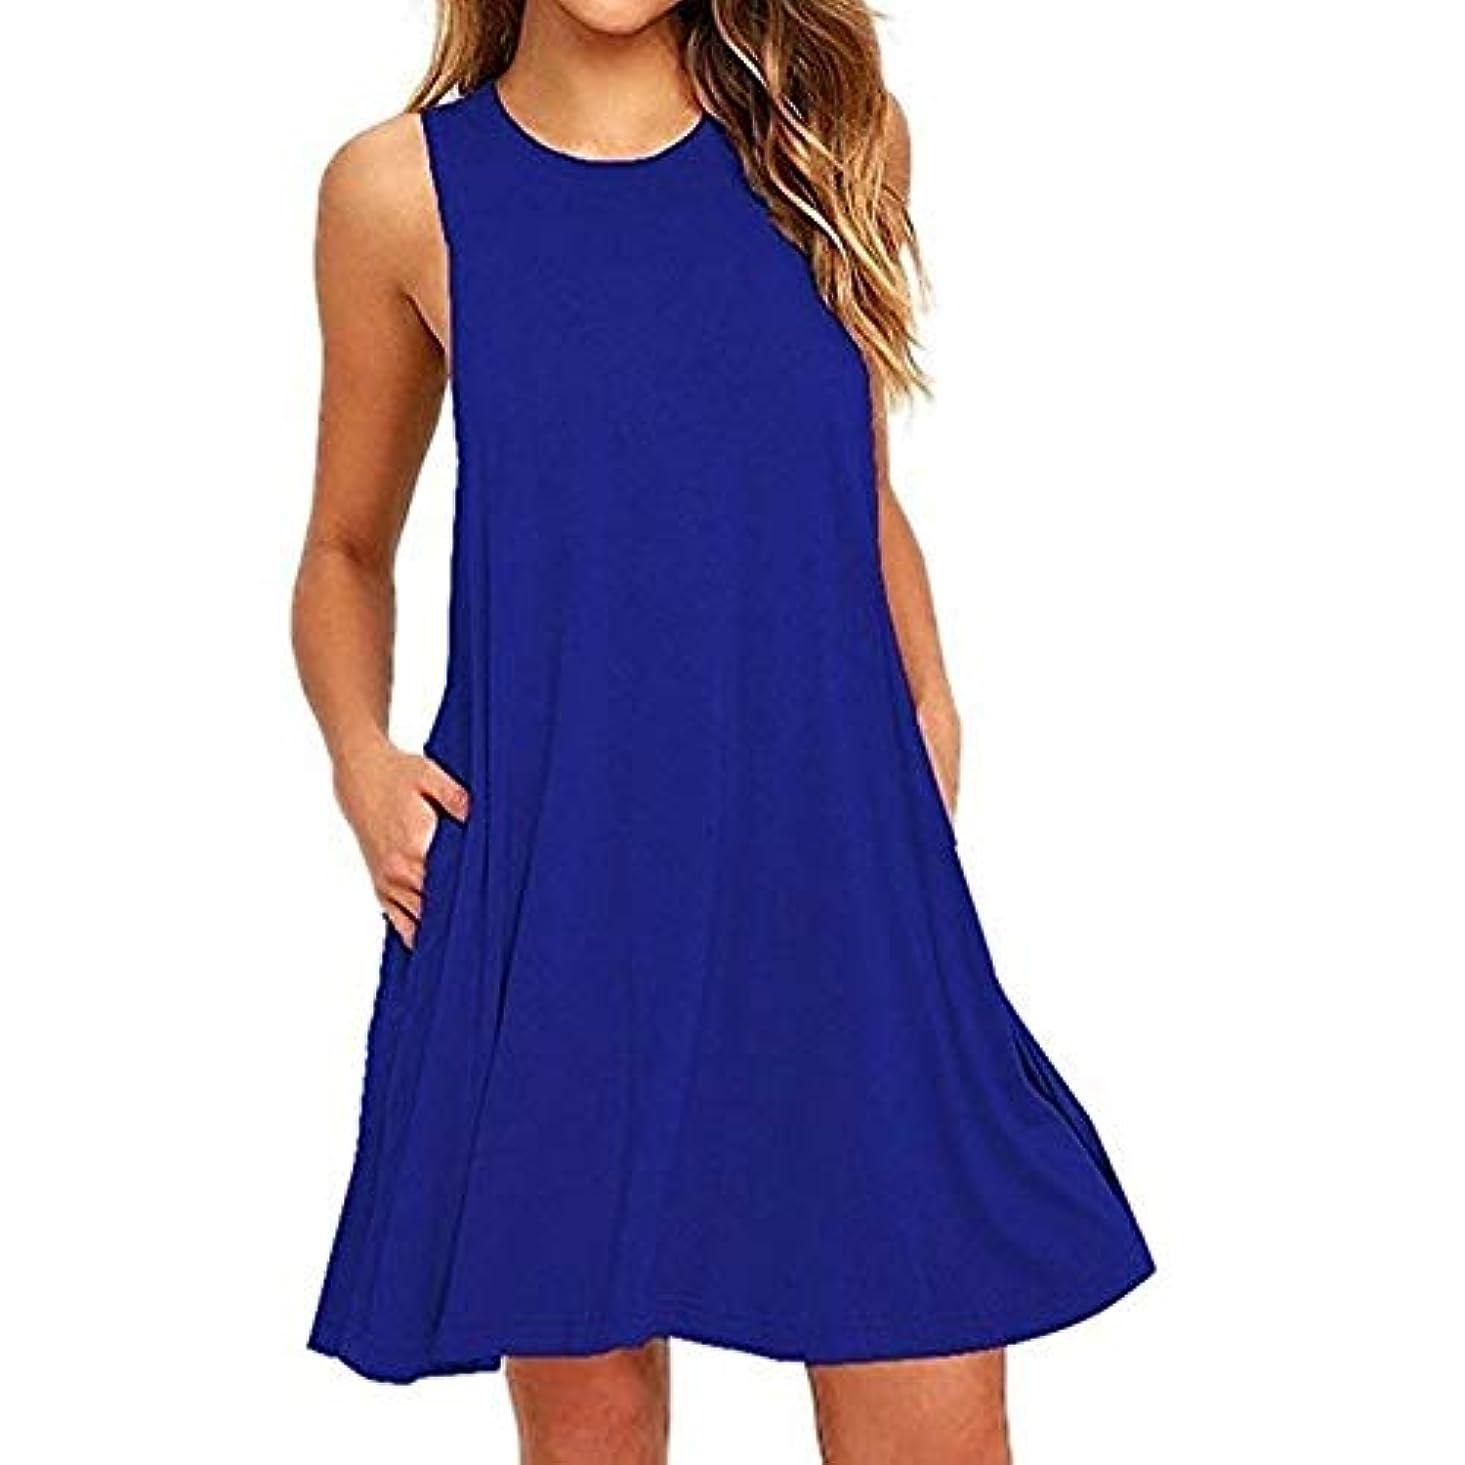 歪める仕立て屋寄付するMIFAN 人の女性のドレス、プラスサイズのドレス、ノースリーブのドレス、ミニドレス、ホルタードレス、コットンドレス